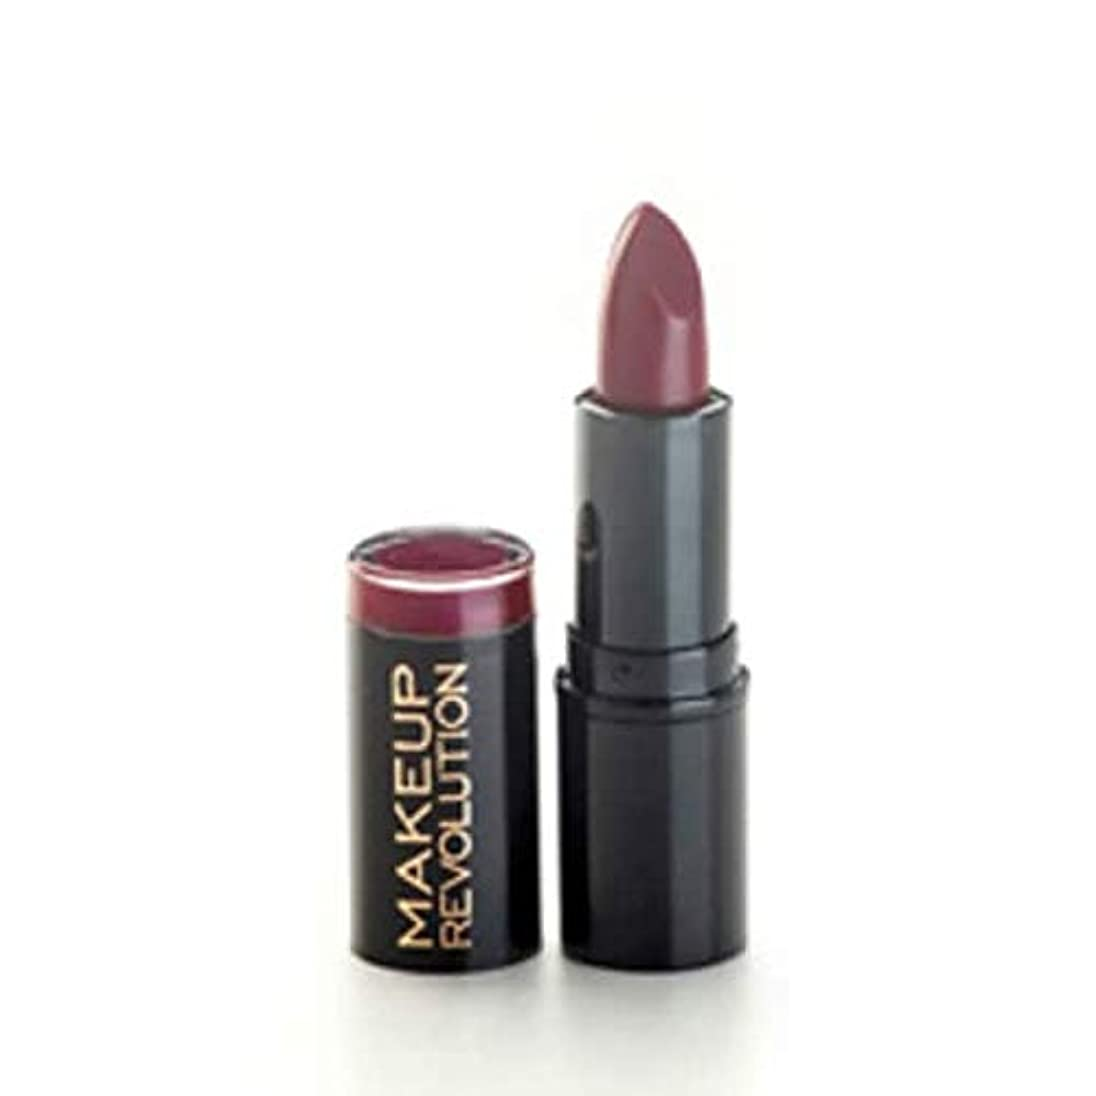 引き出し公平ゆるく[Revolution ] 原因と革命Vampコレクションの口紅の反乱 - Revolution Vamp Collection Lipstick Rebel with Cause [並行輸入品]